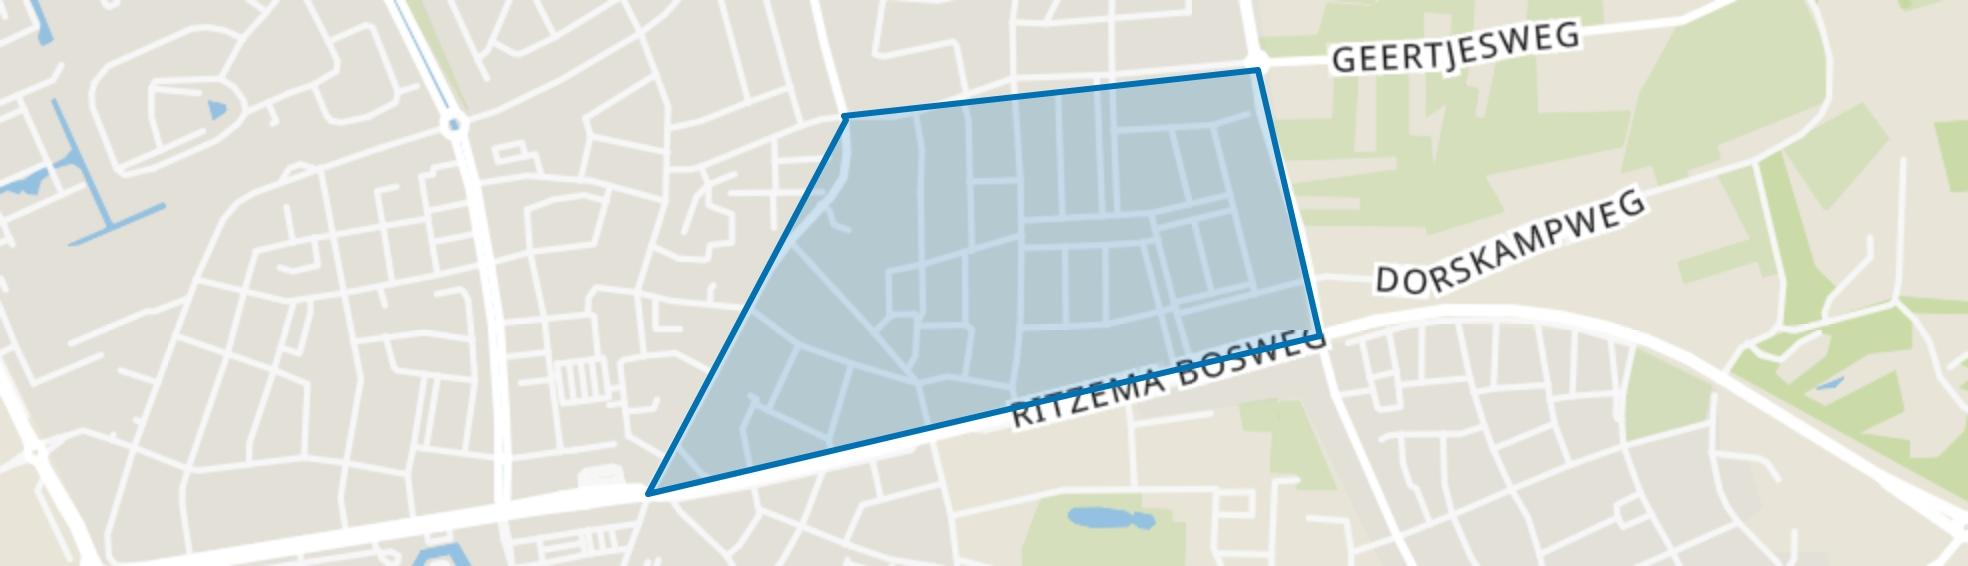 Benedenbuurt, Wageningen map